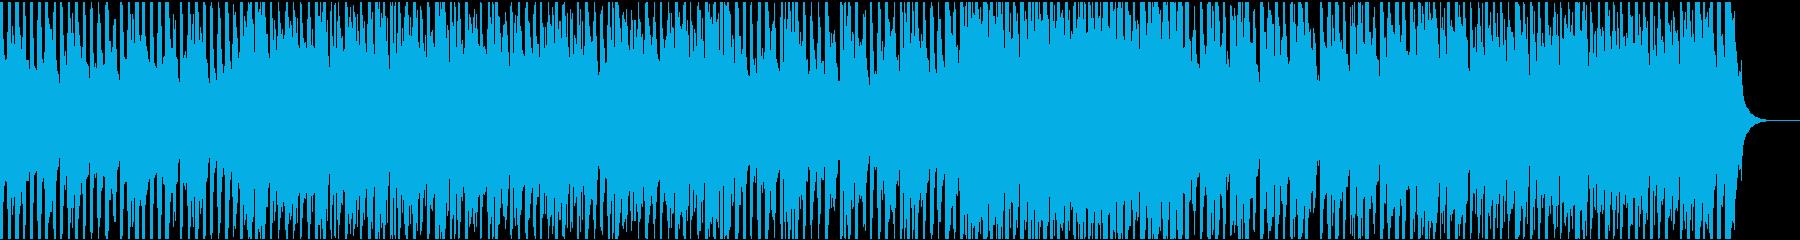 ハープシコード・ハロウィン風の怪しい曲の再生済みの波形